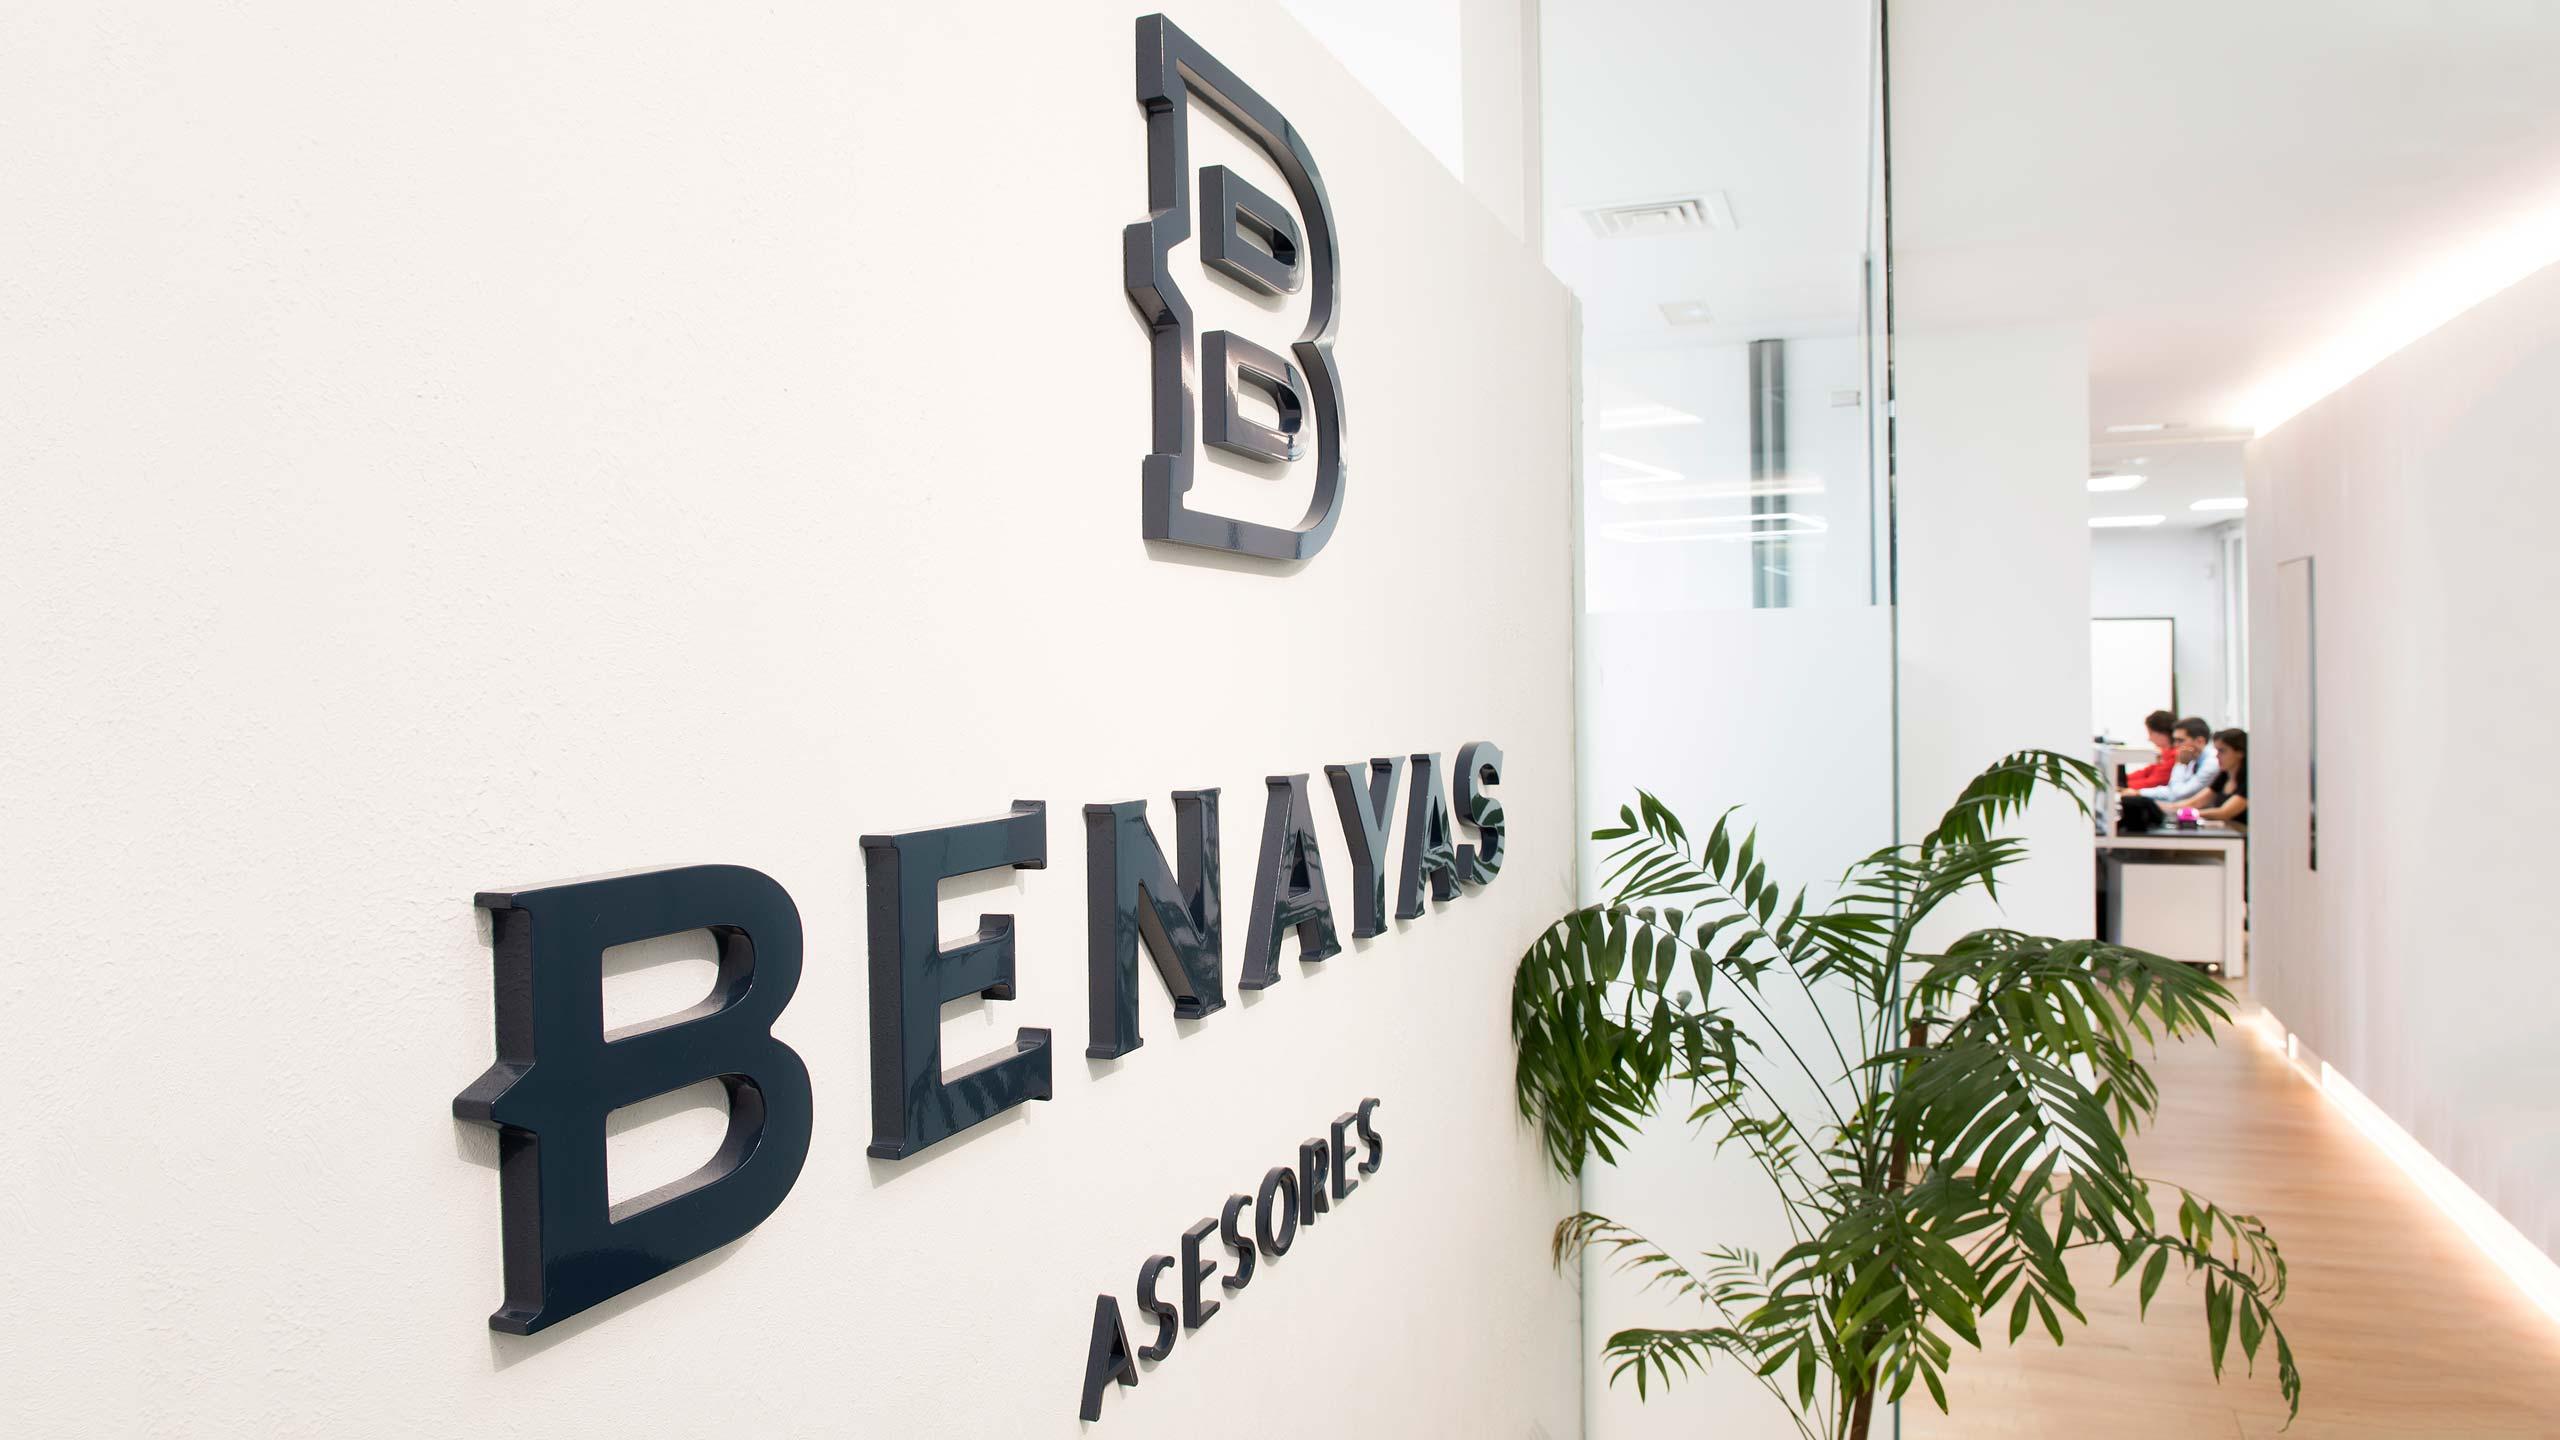 Diseño de rótulo corpóreo interior para las oficinas Benayas Asesores Madrid Rediseño